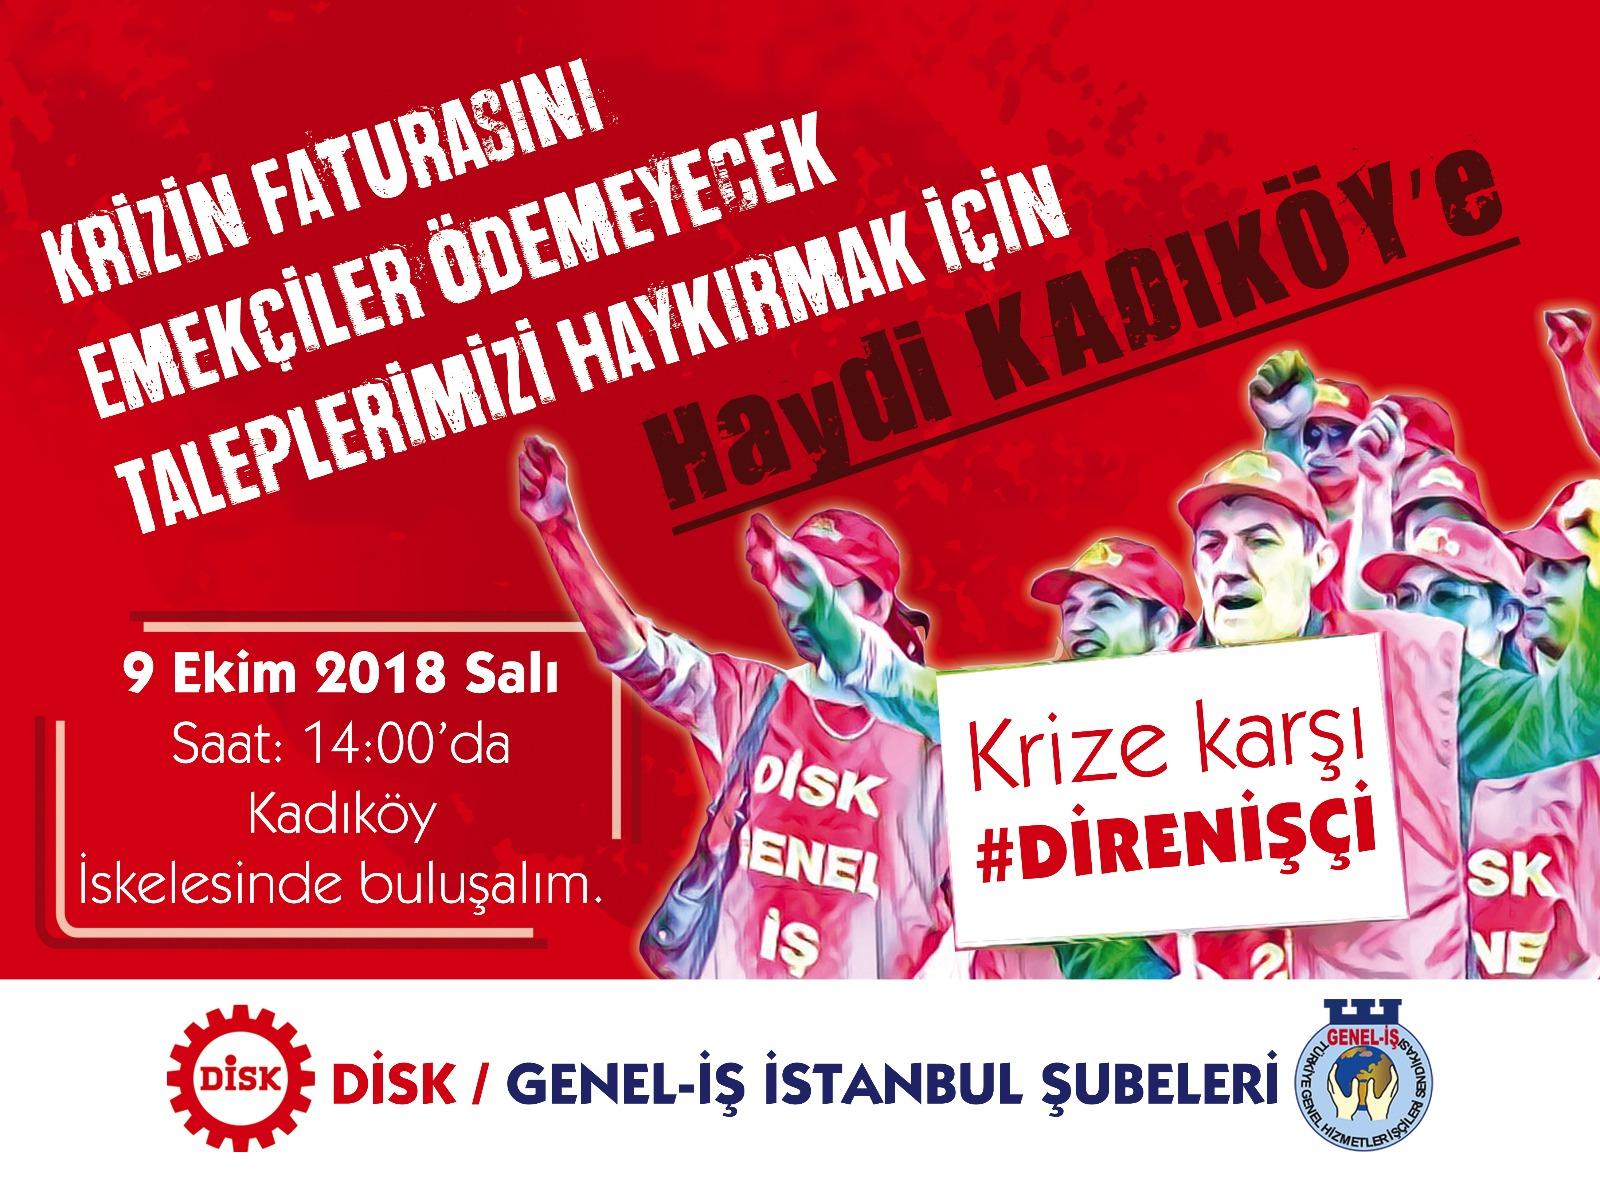 İstanbul'da da Eylemdeyiz!